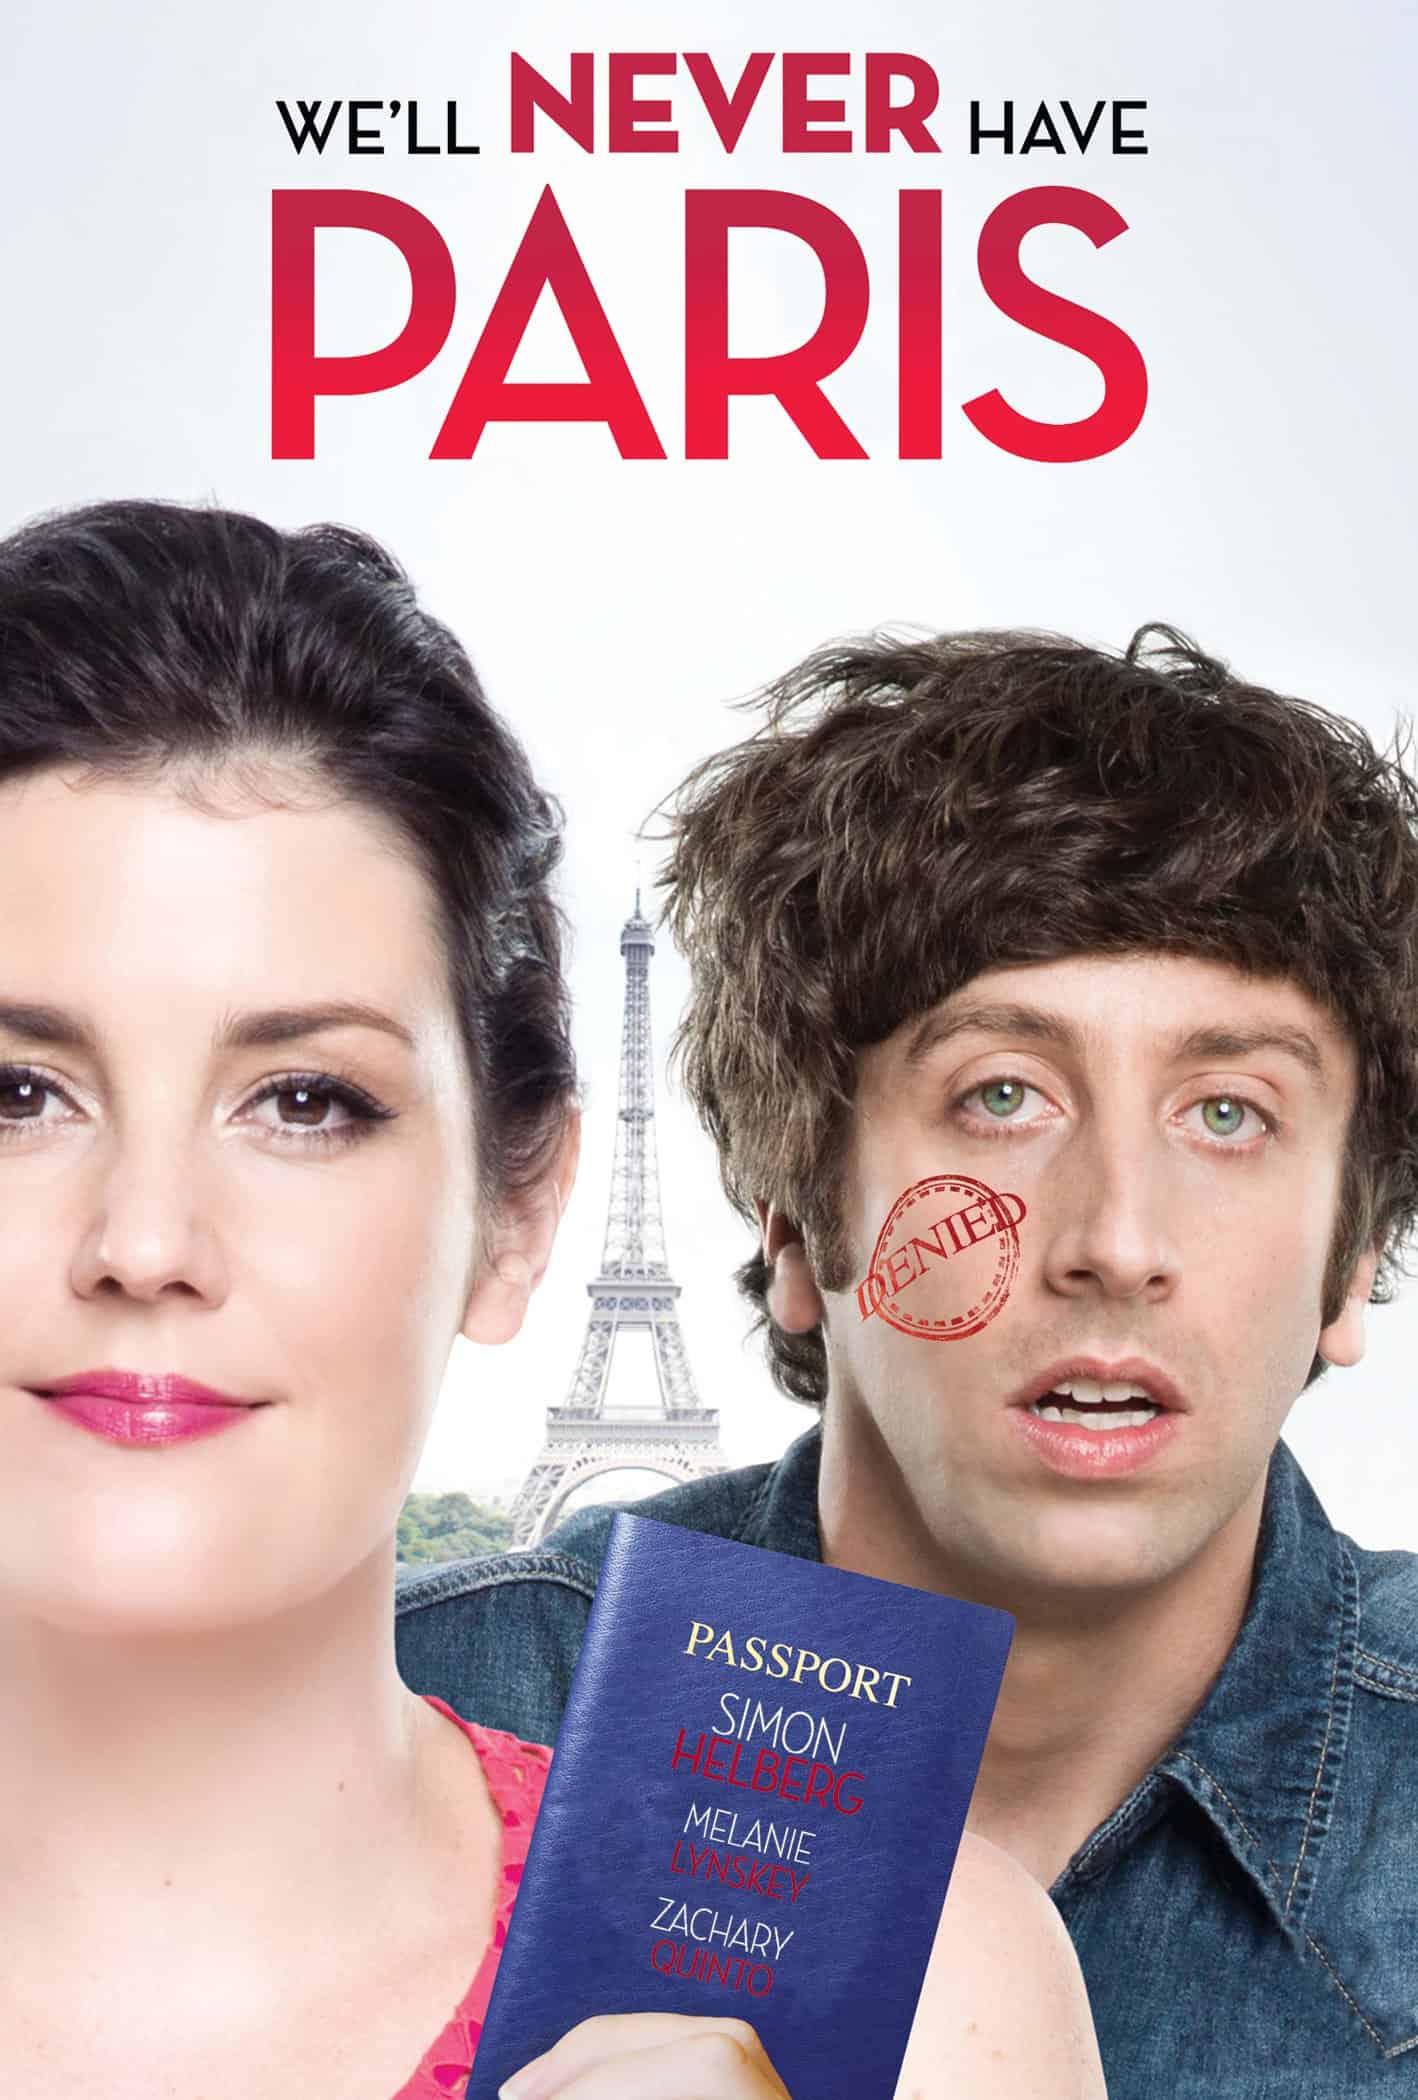 We'll Never Have Paris, 2014